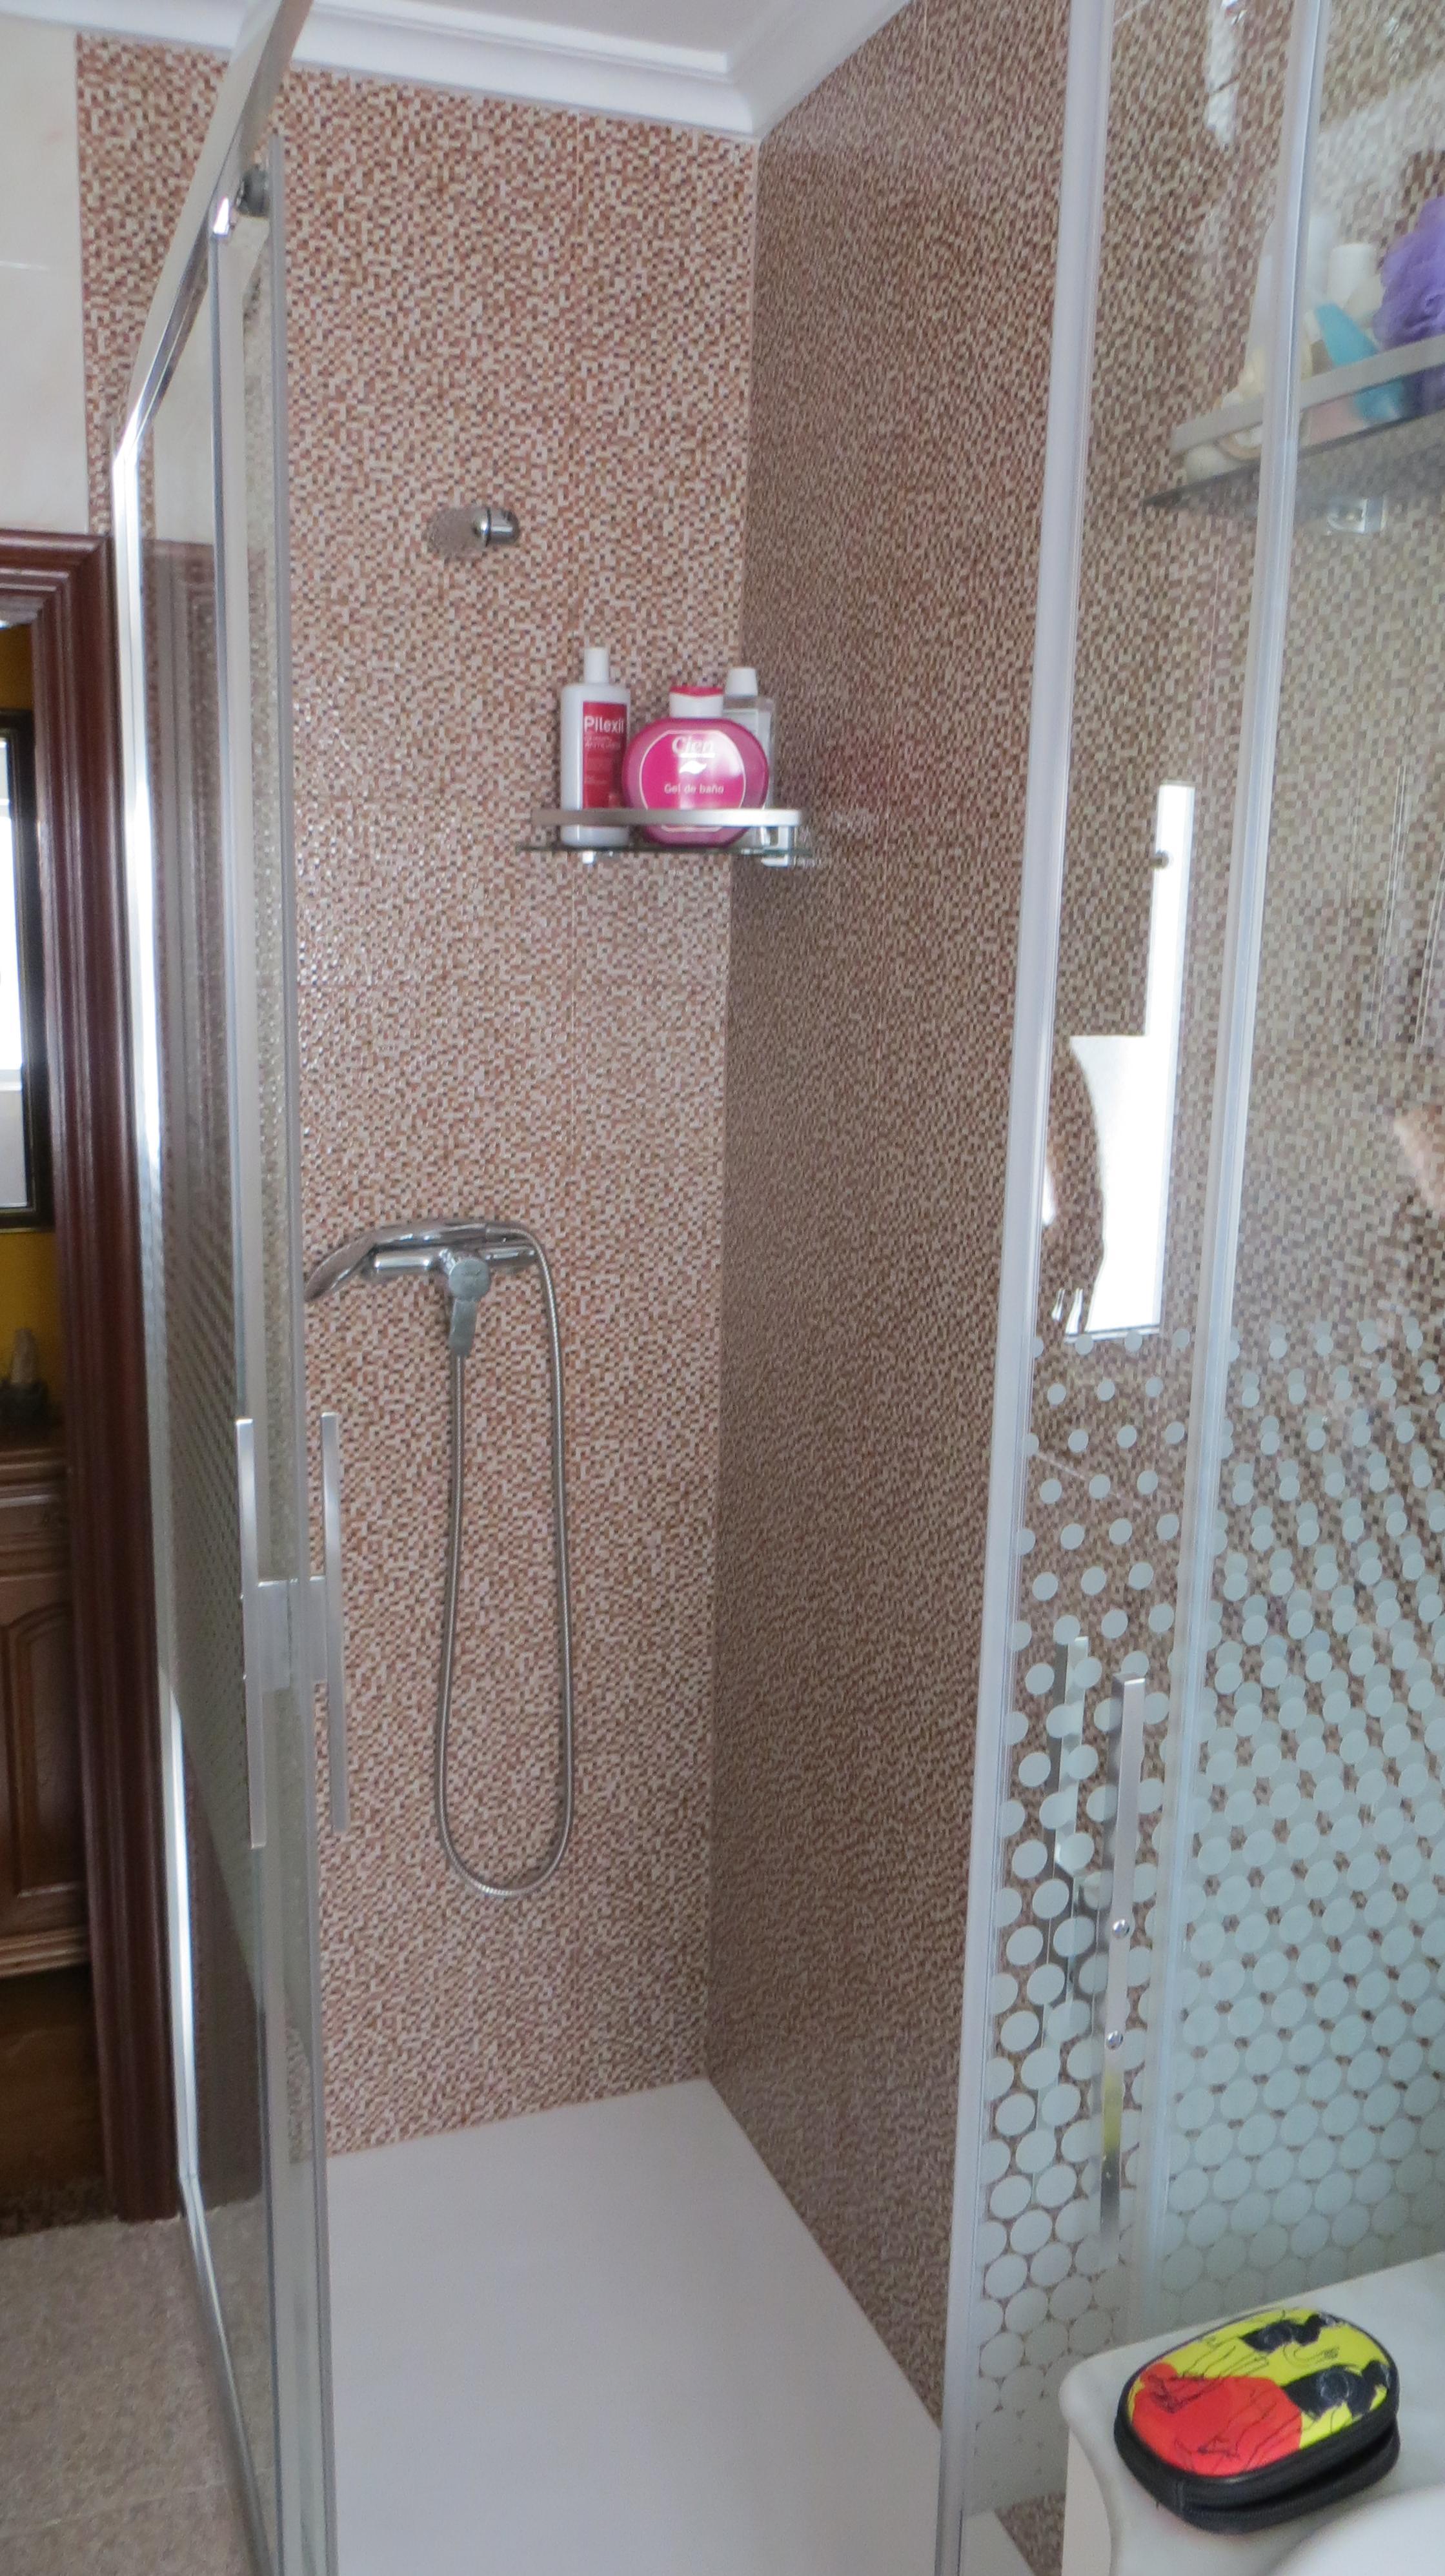 Instalación de duchasustituyendo bañera